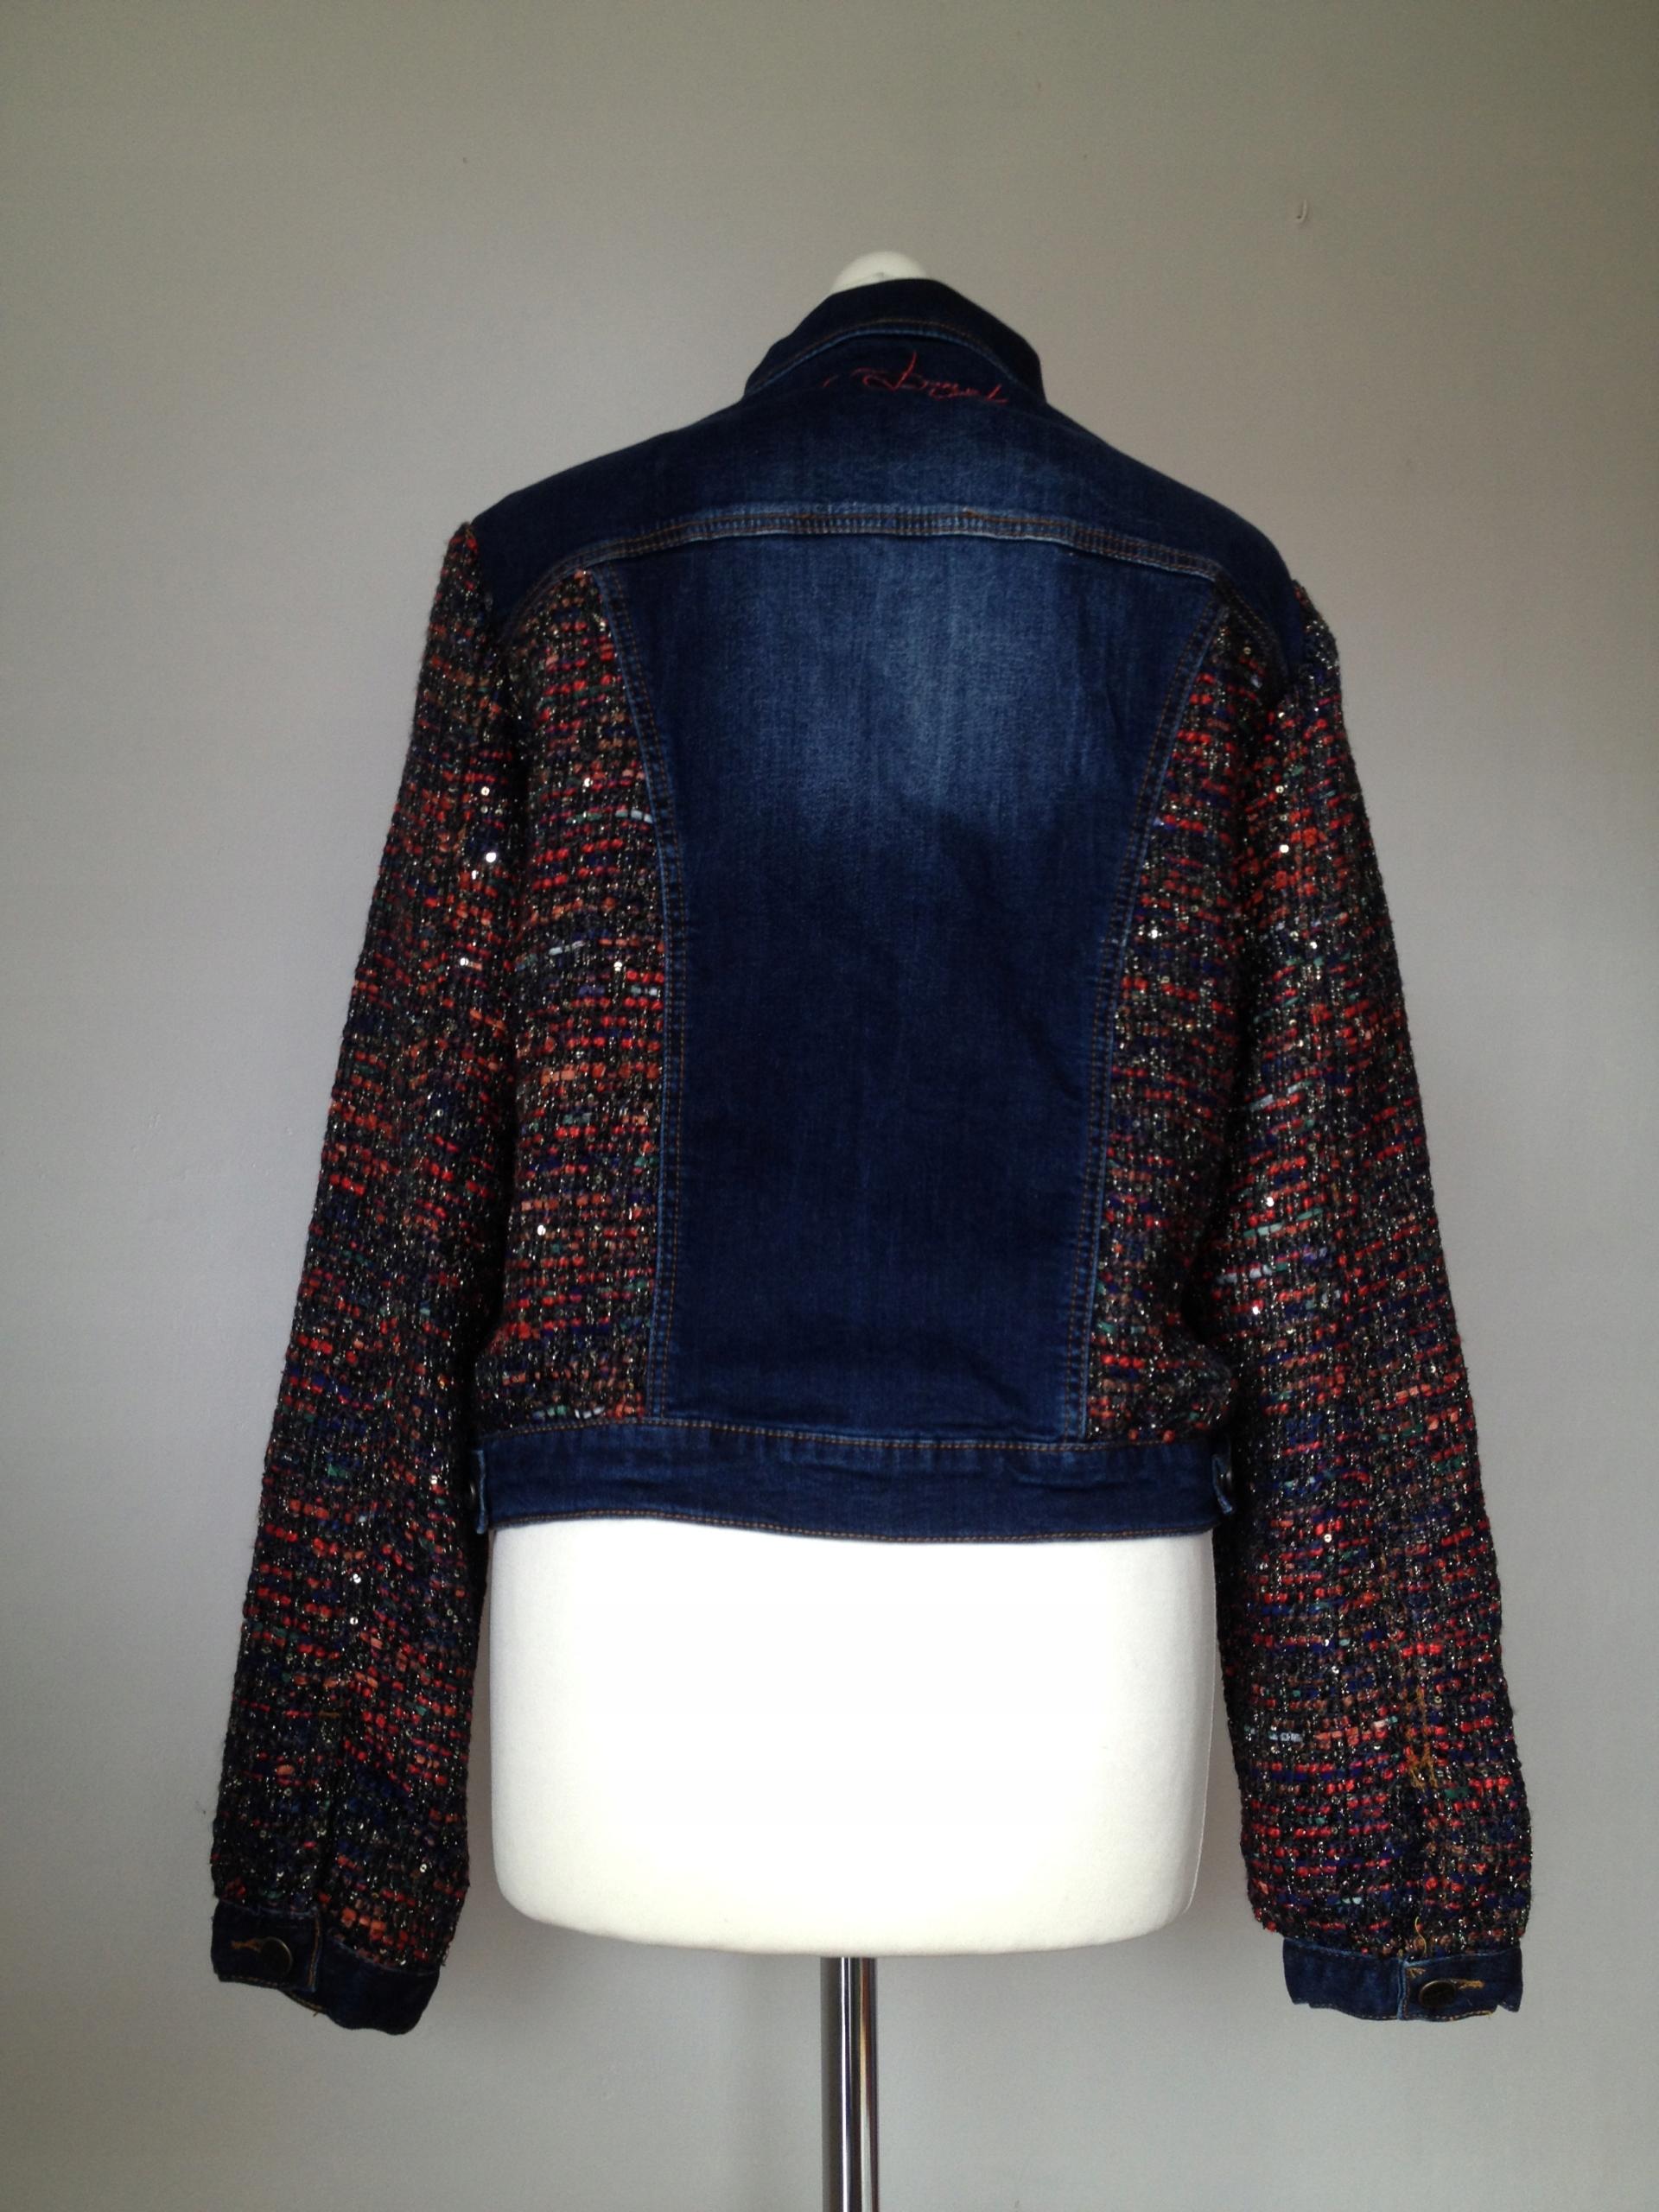 DESIGUAL -świetna KURTKA jeans OBŁĘDNA - 42 (XL) -